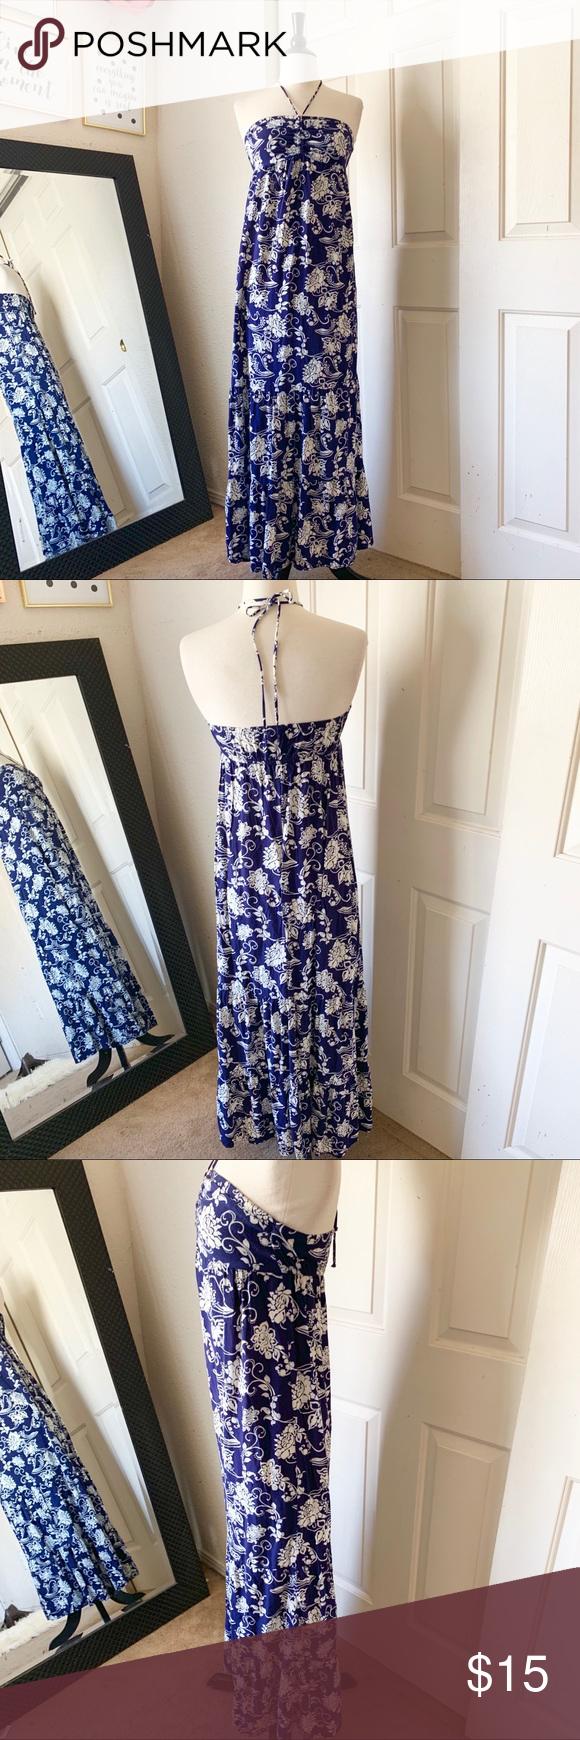 cb7dd0f5d2e Mossimo Blue Print Strapless Maxi Dress Small Preowned Mossimo Blue Print  Strapless Maxi Dress Small Mossimo Supply Co. Dresses Maxi